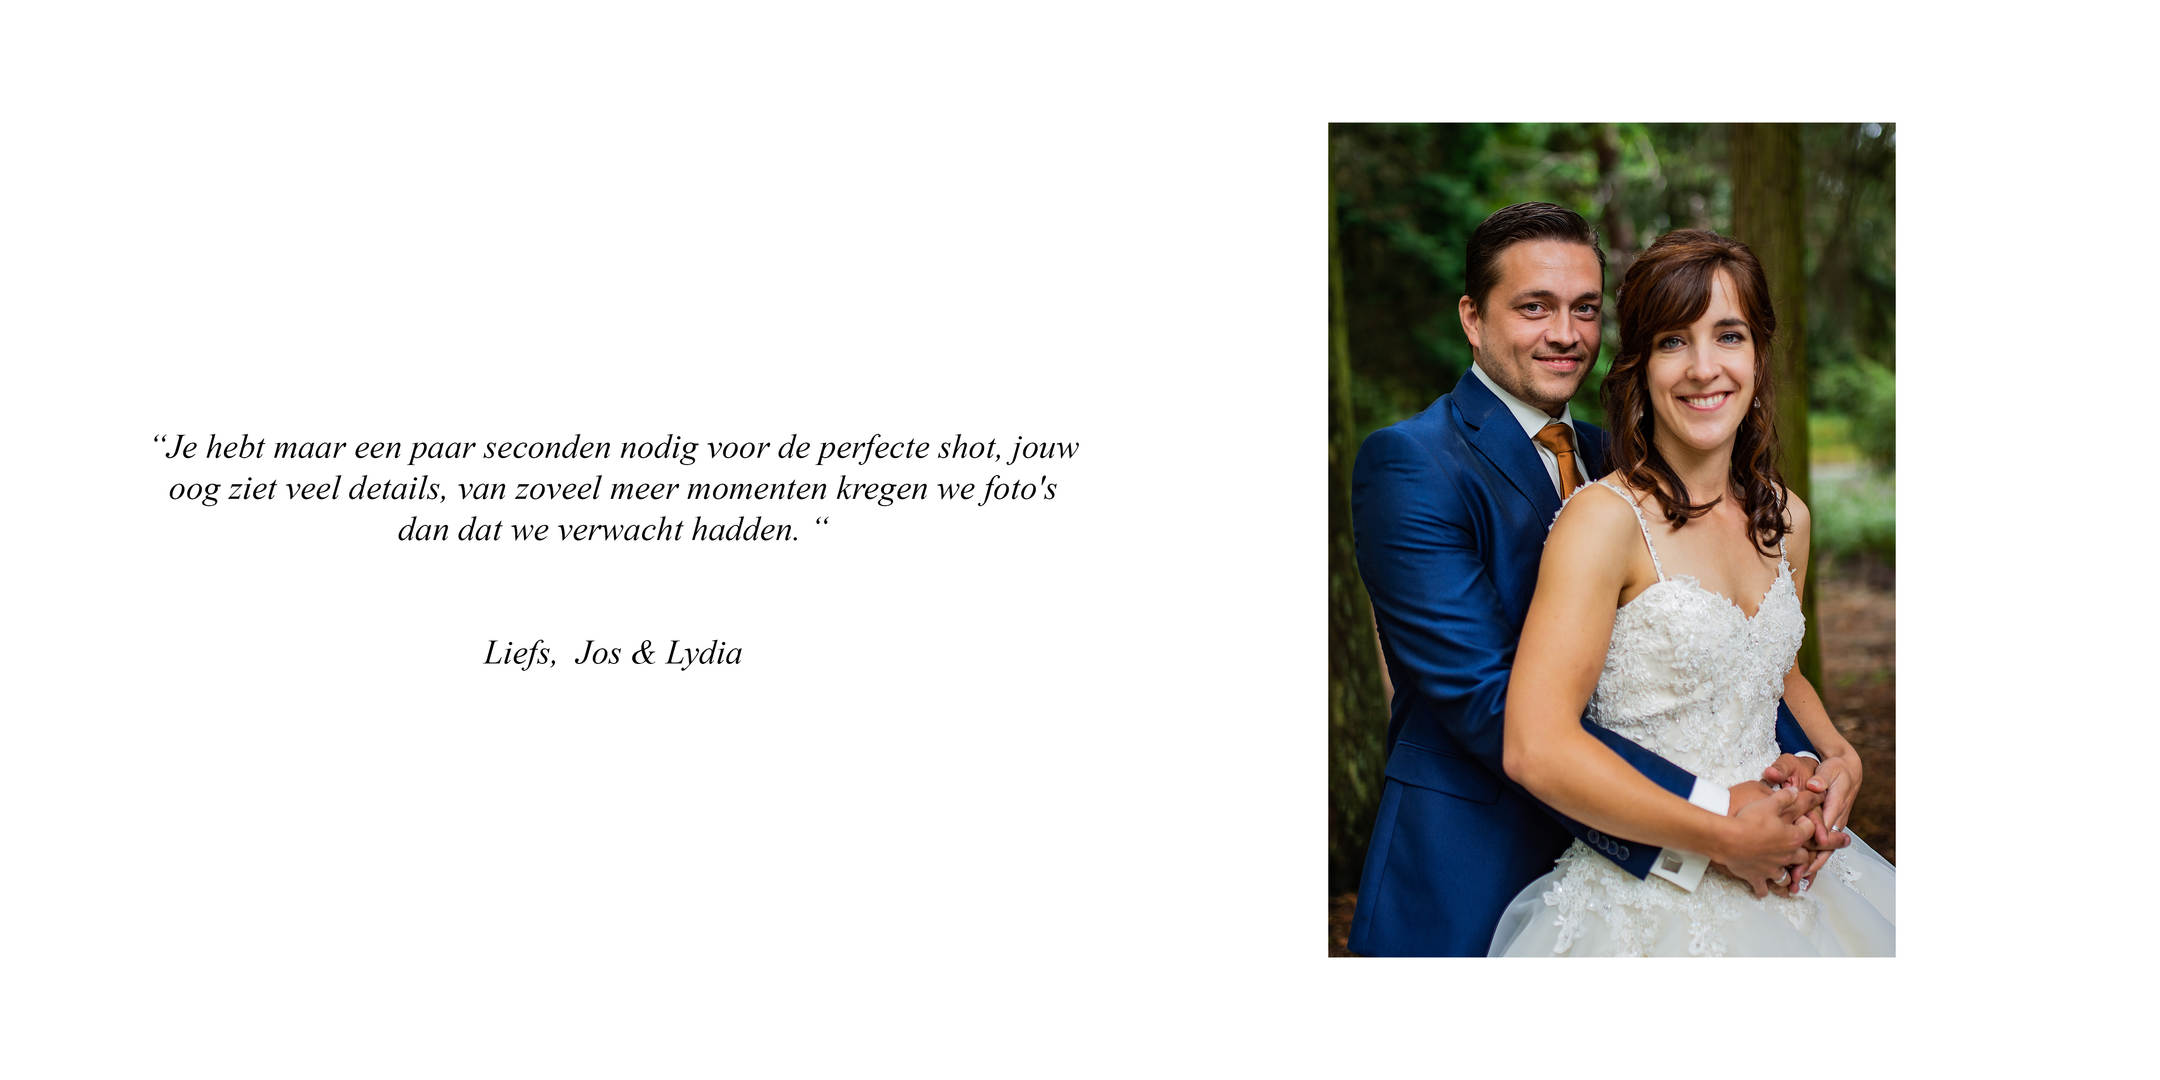 De bruiloft van Lydia & Jos